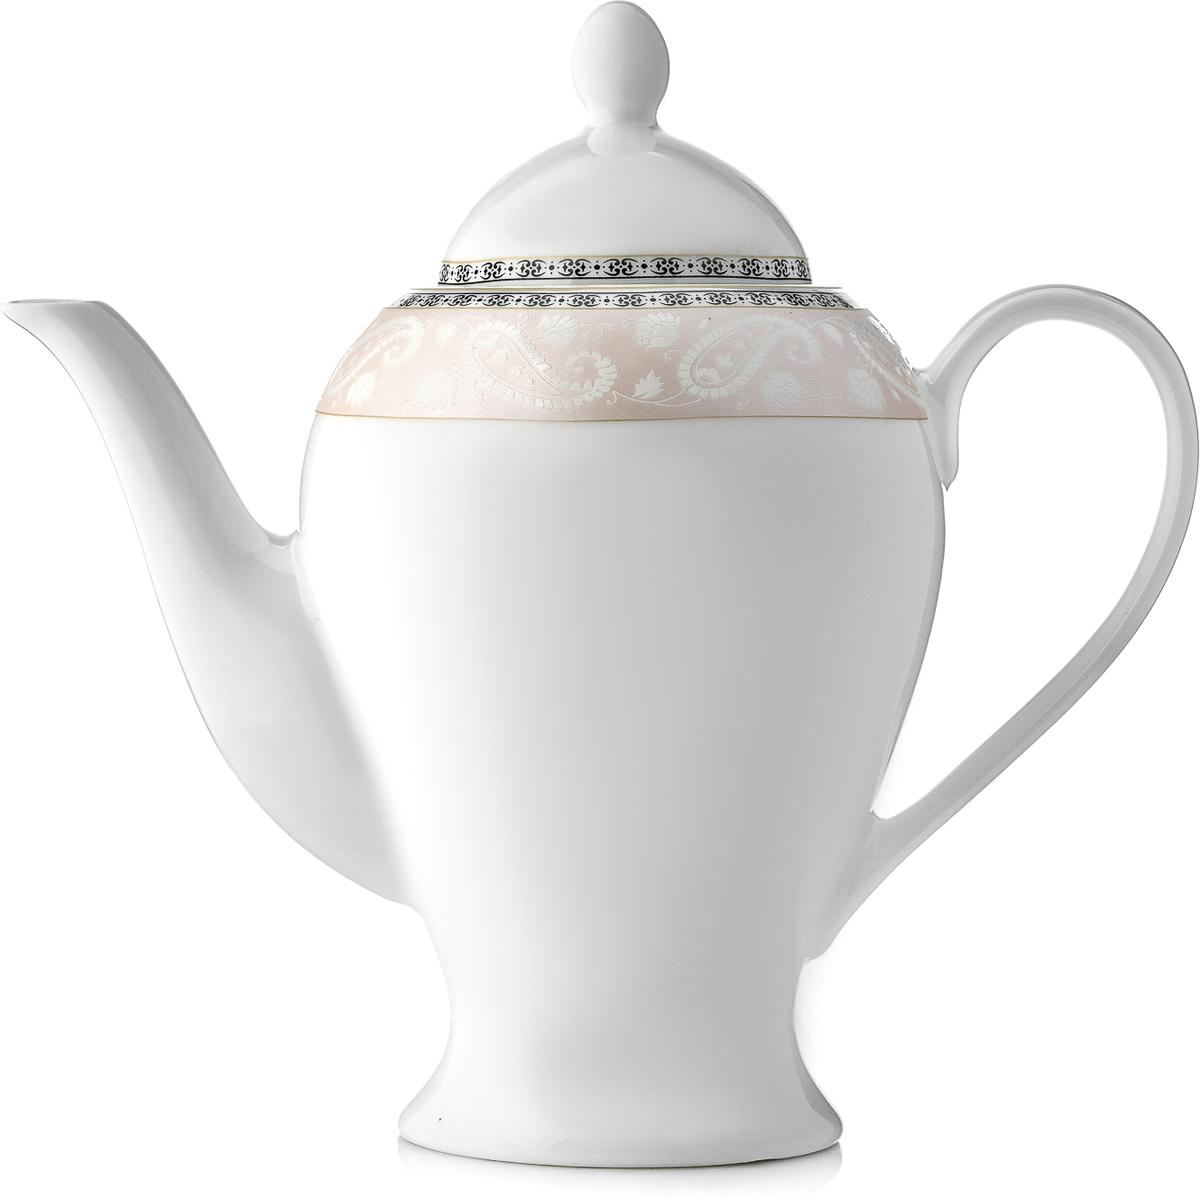 Чайник заварочный Esprado Arista Rose, 920 мл